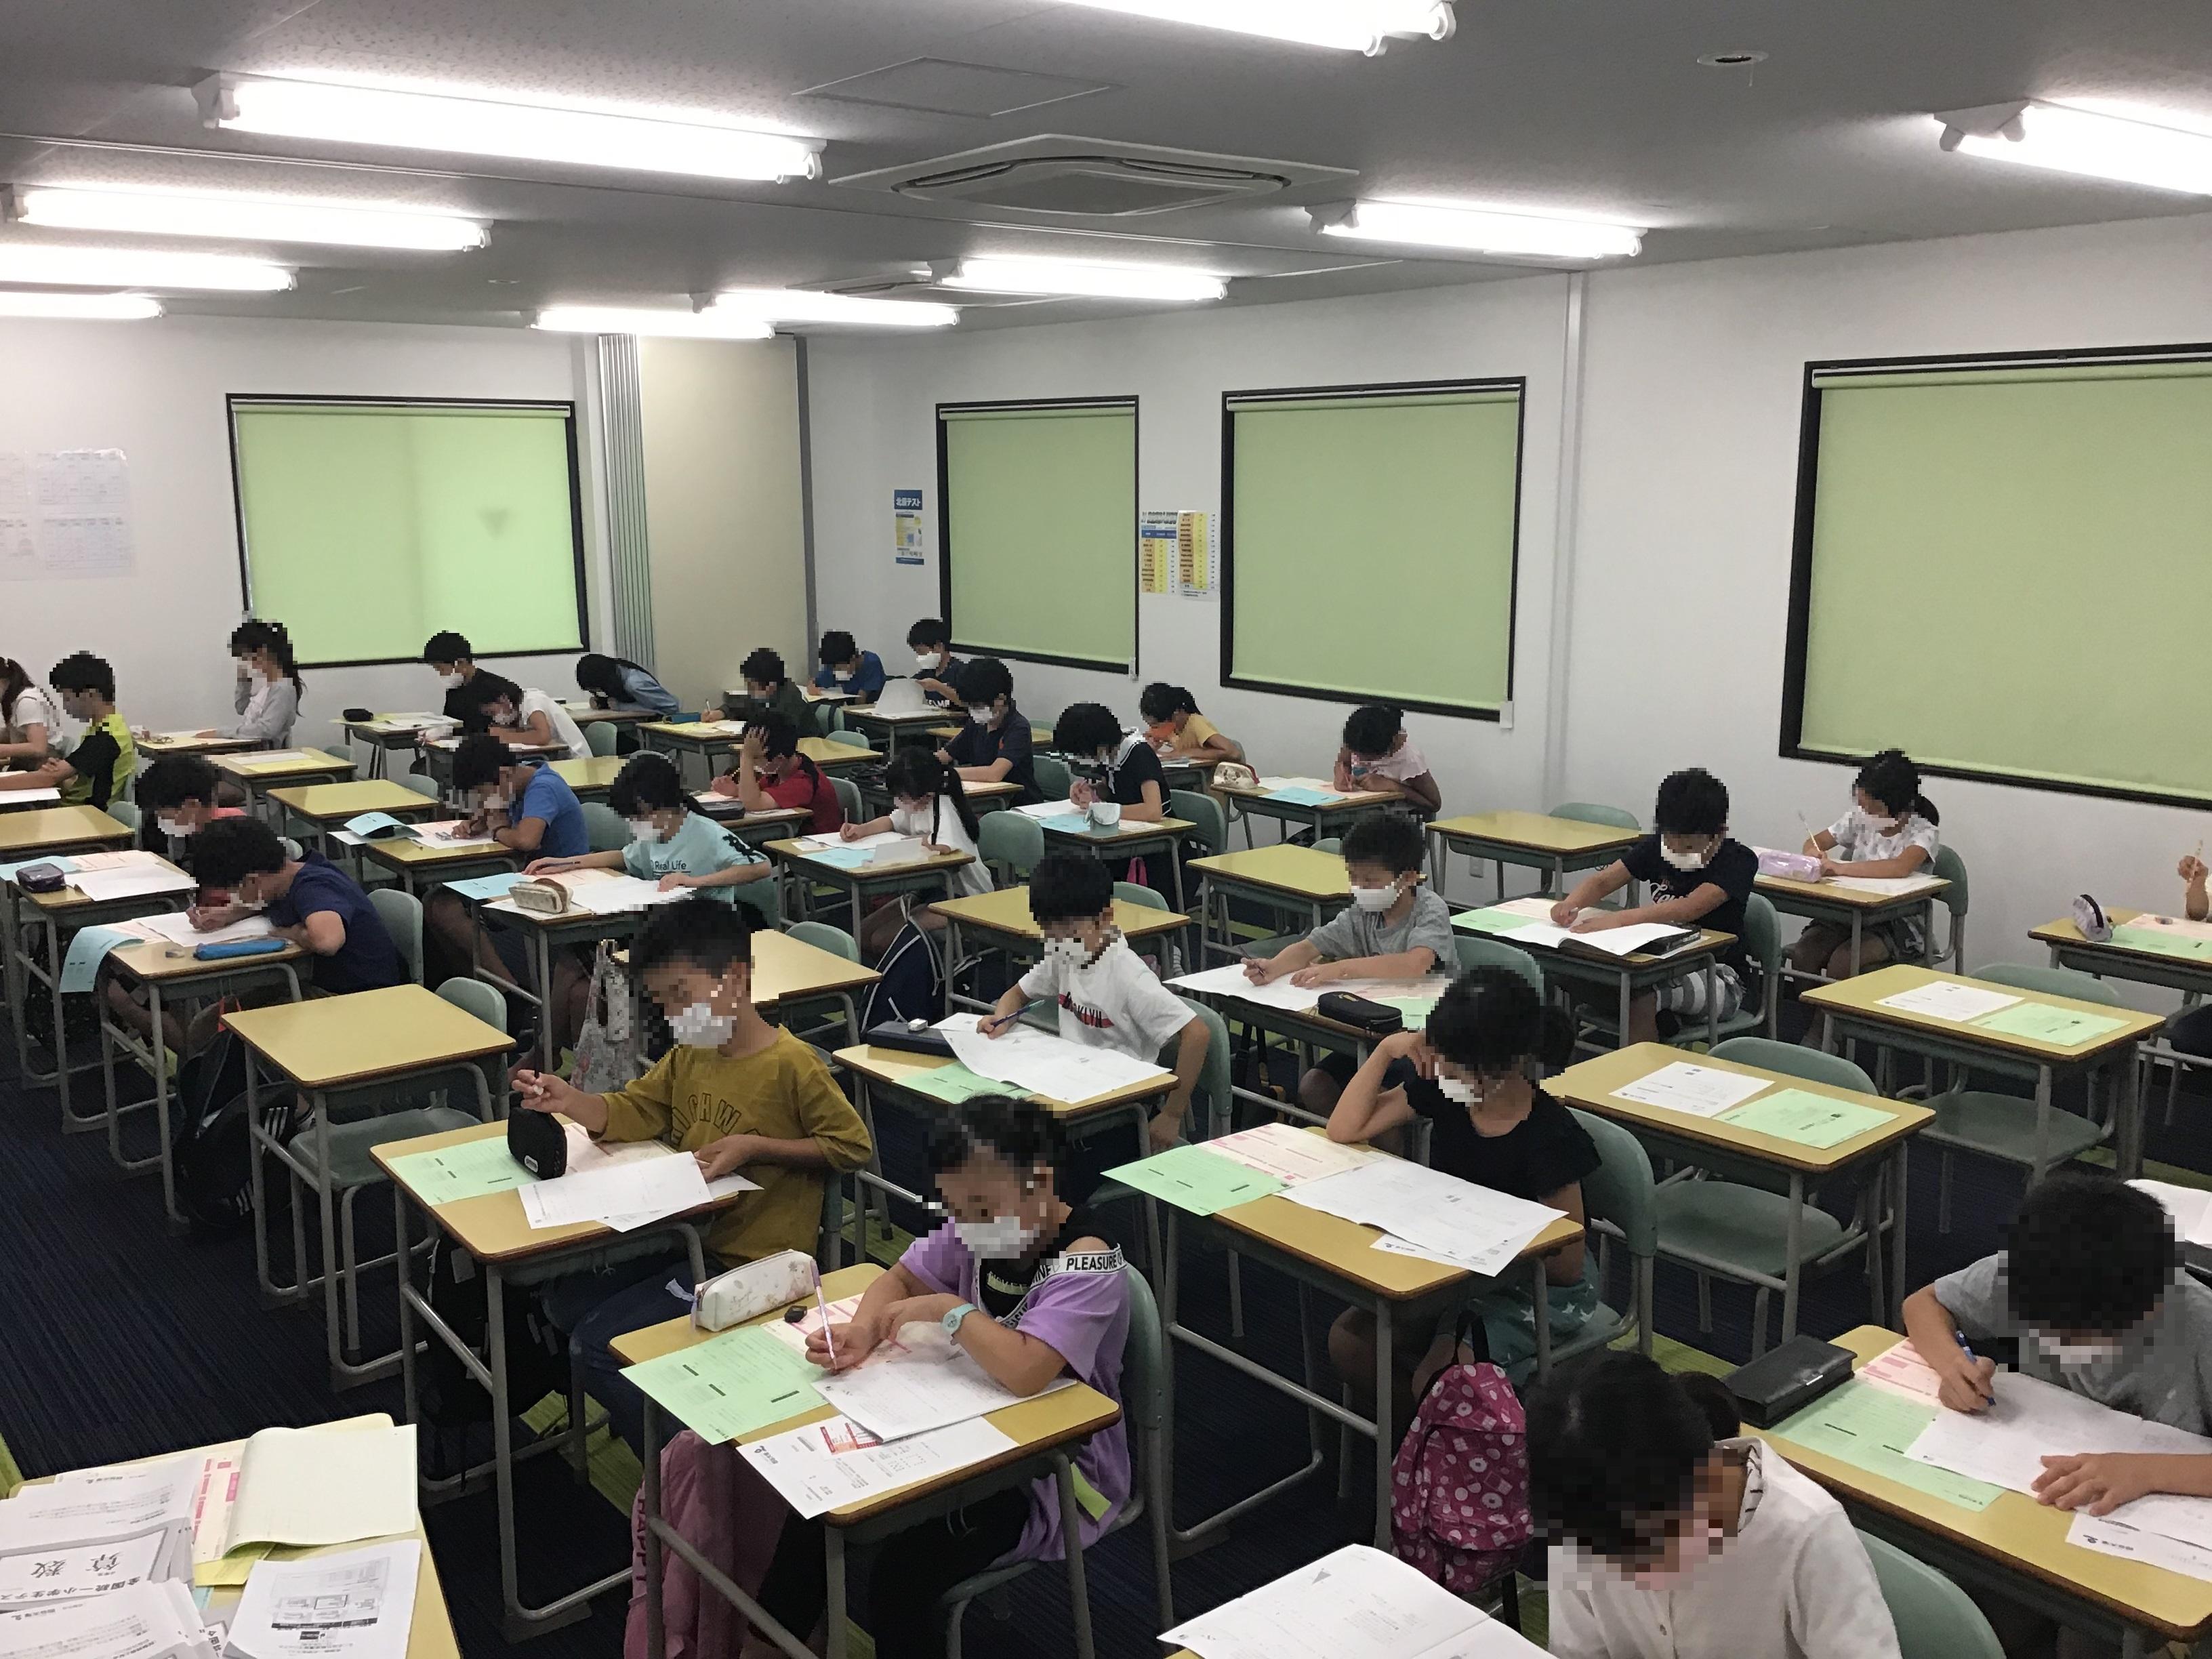 全国統一小学生テストを実施しています